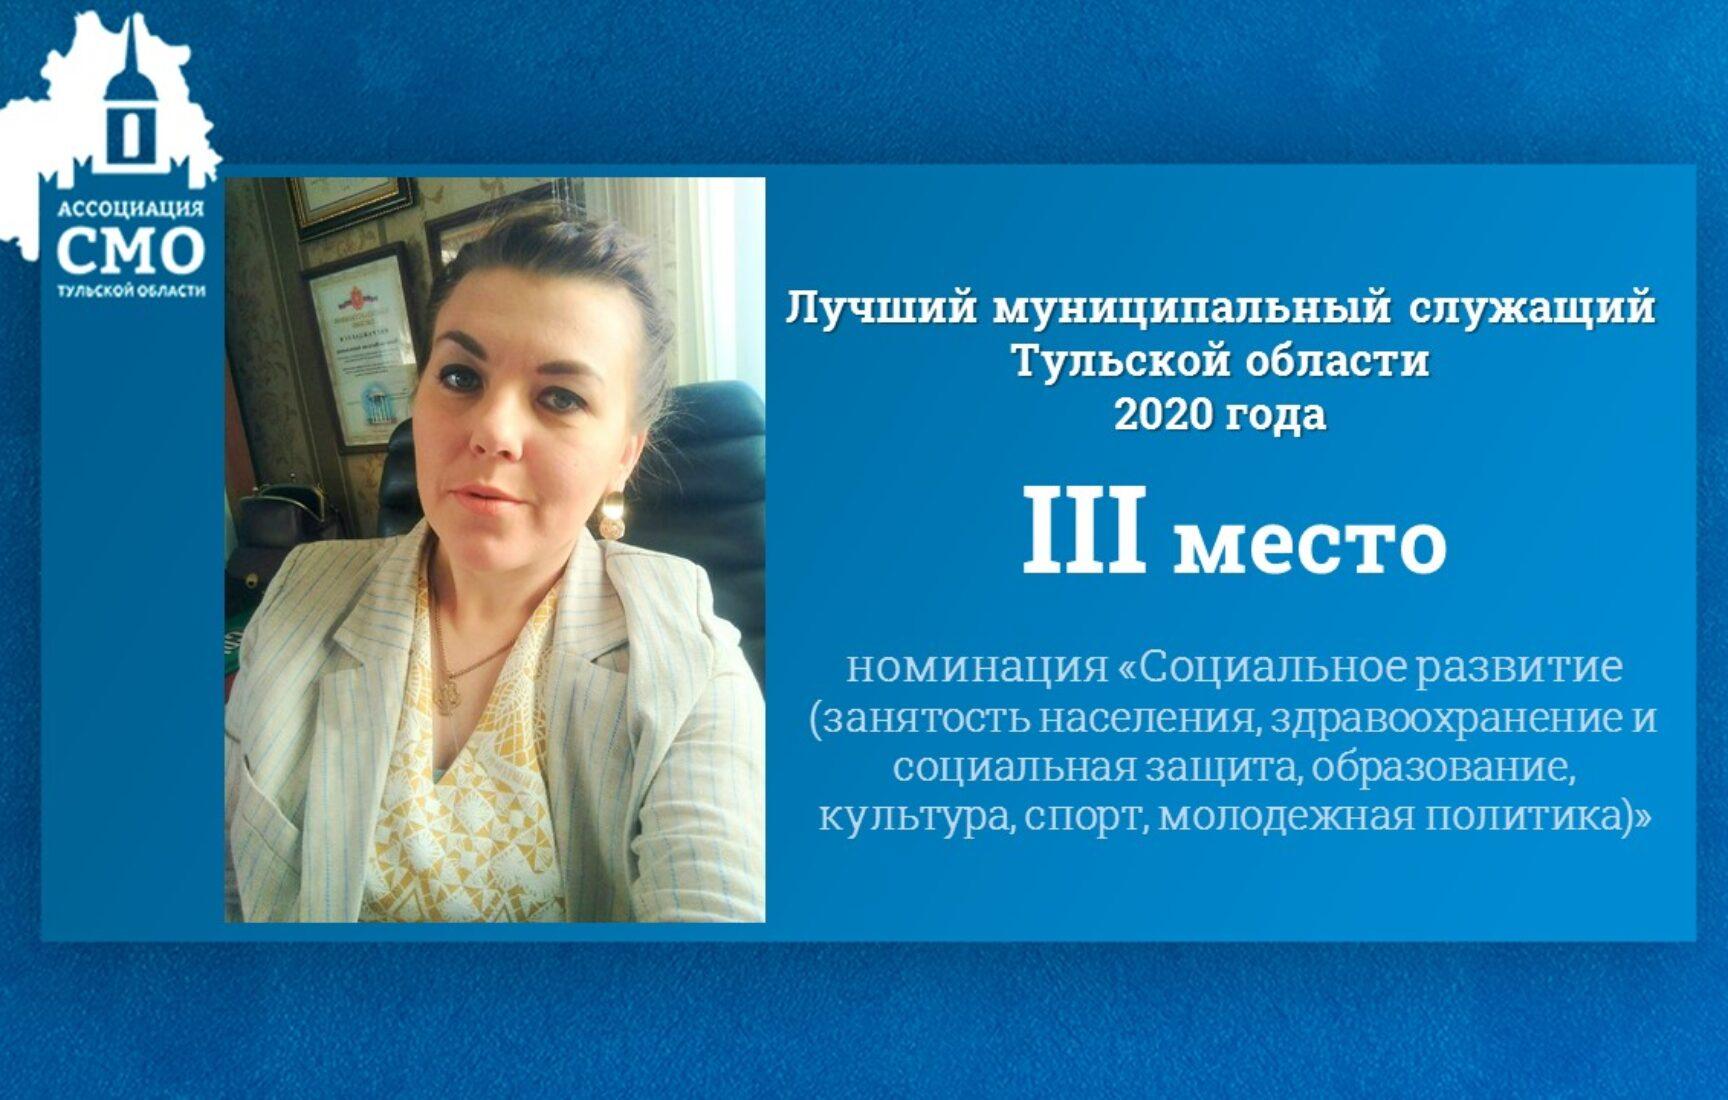 Лучший муниципальный служащий Тульской области. 3 место в номинации «Социальное развитие»